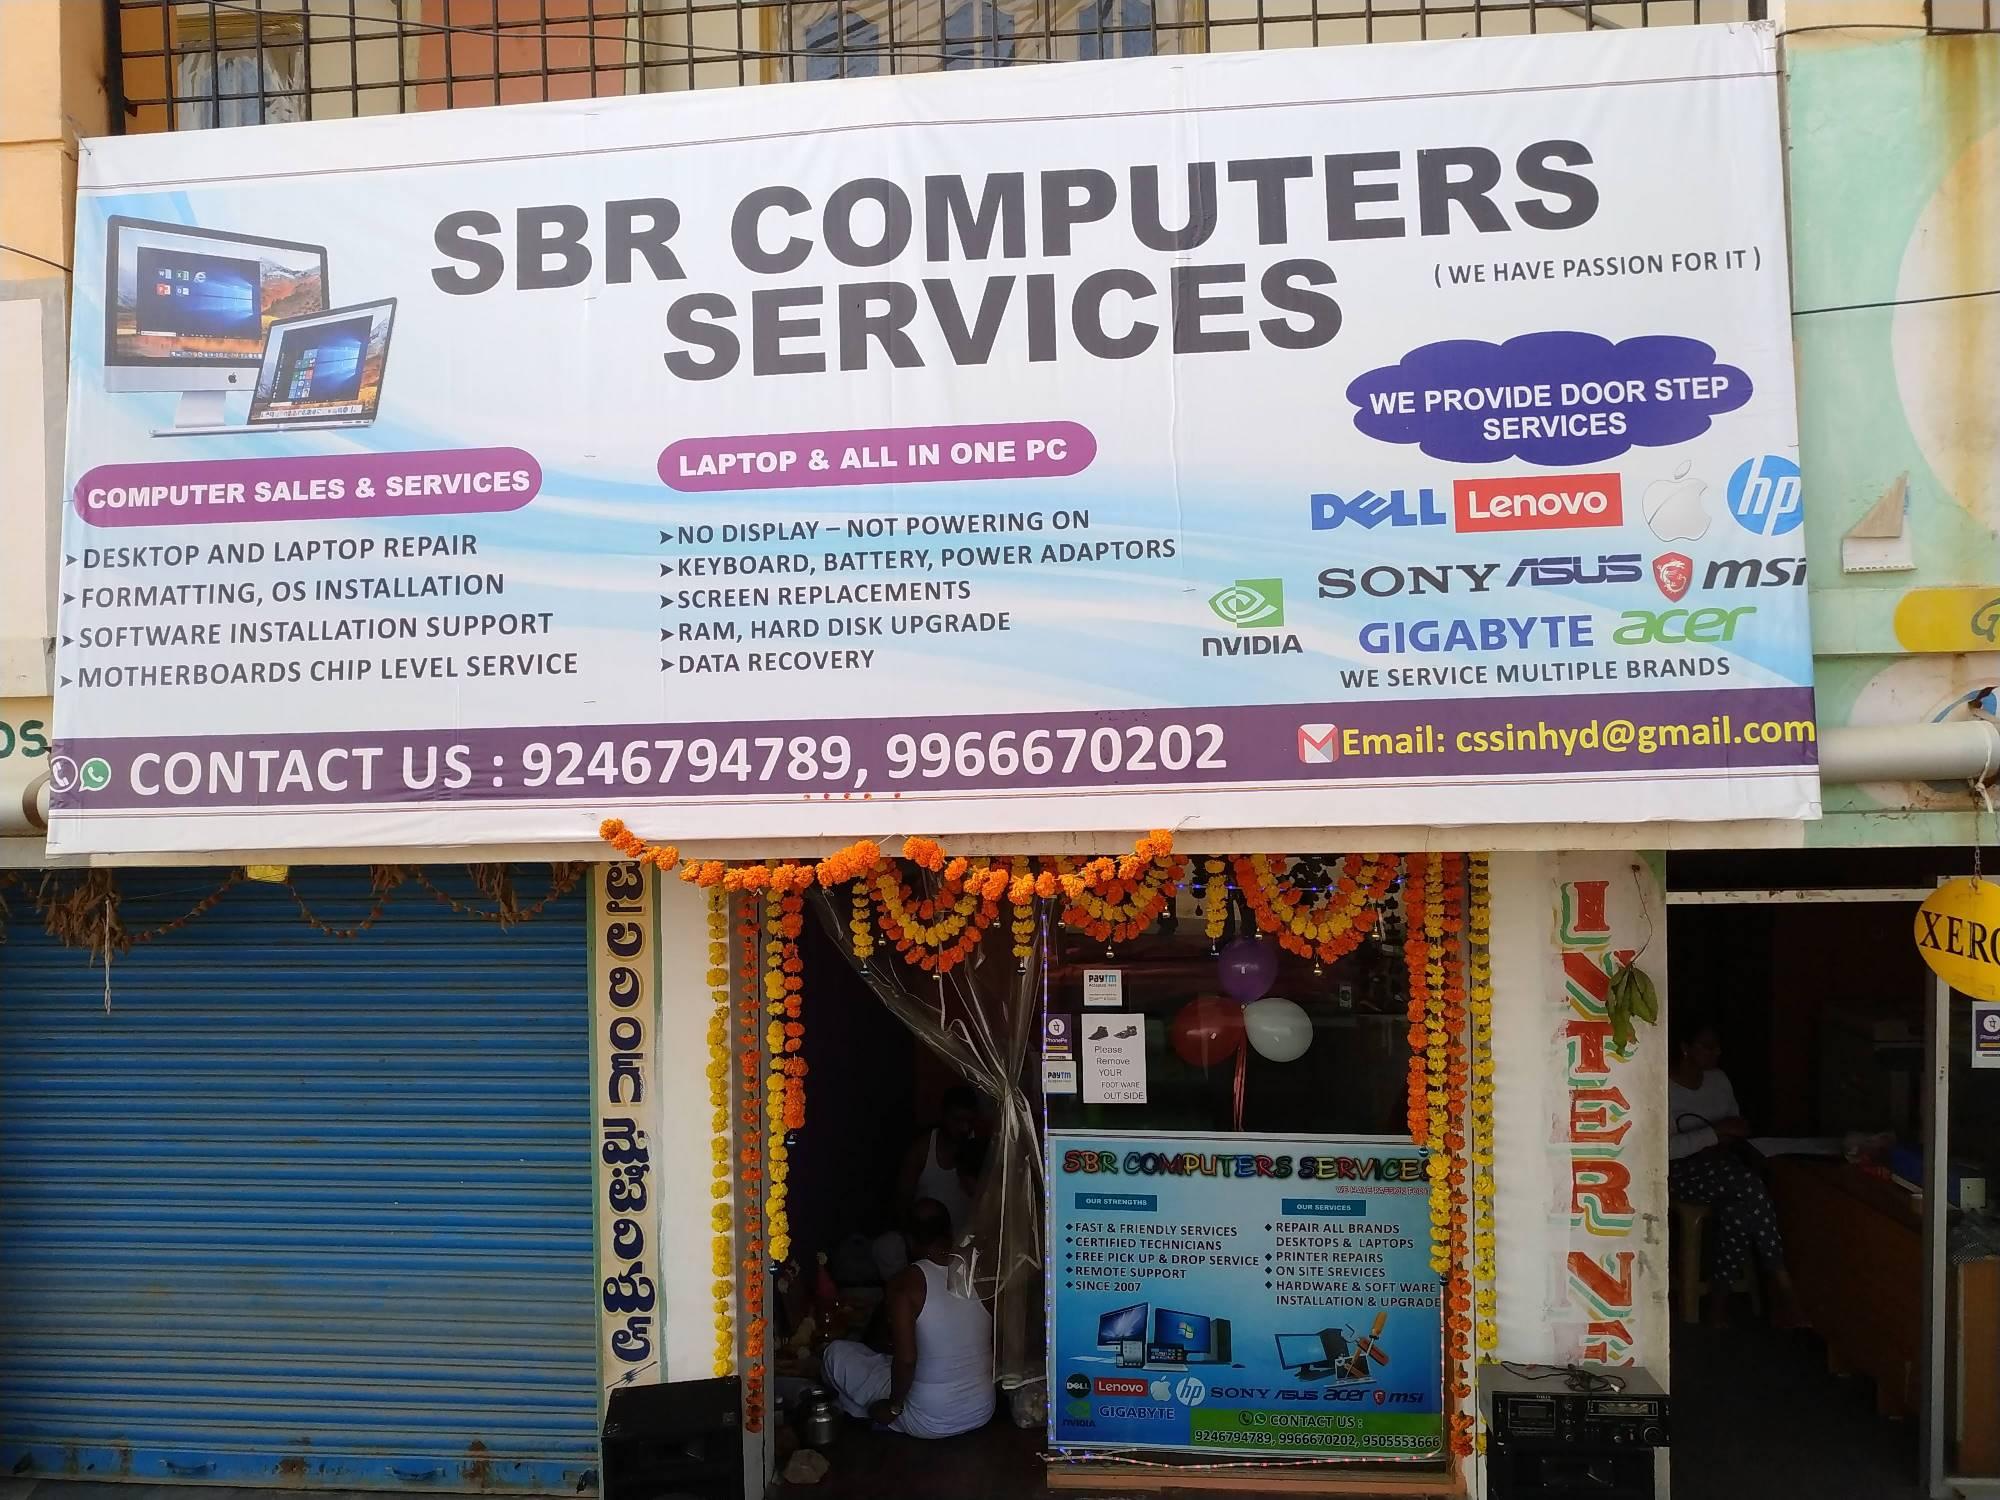 SBR Computers